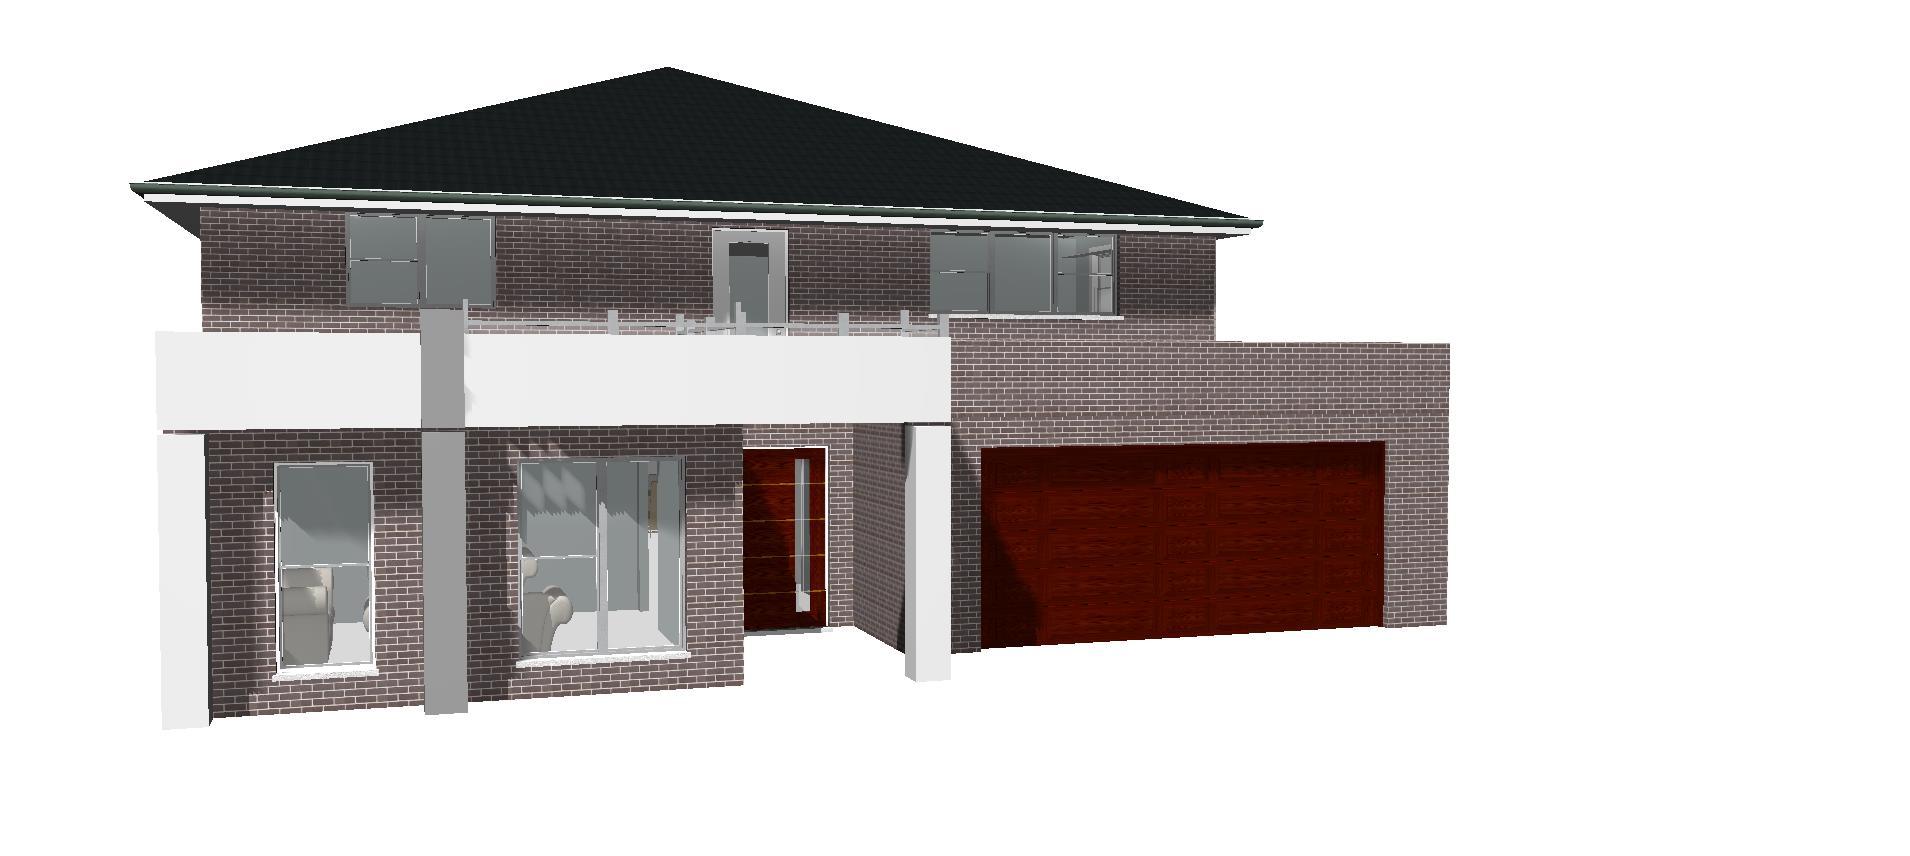 Concept D - facade